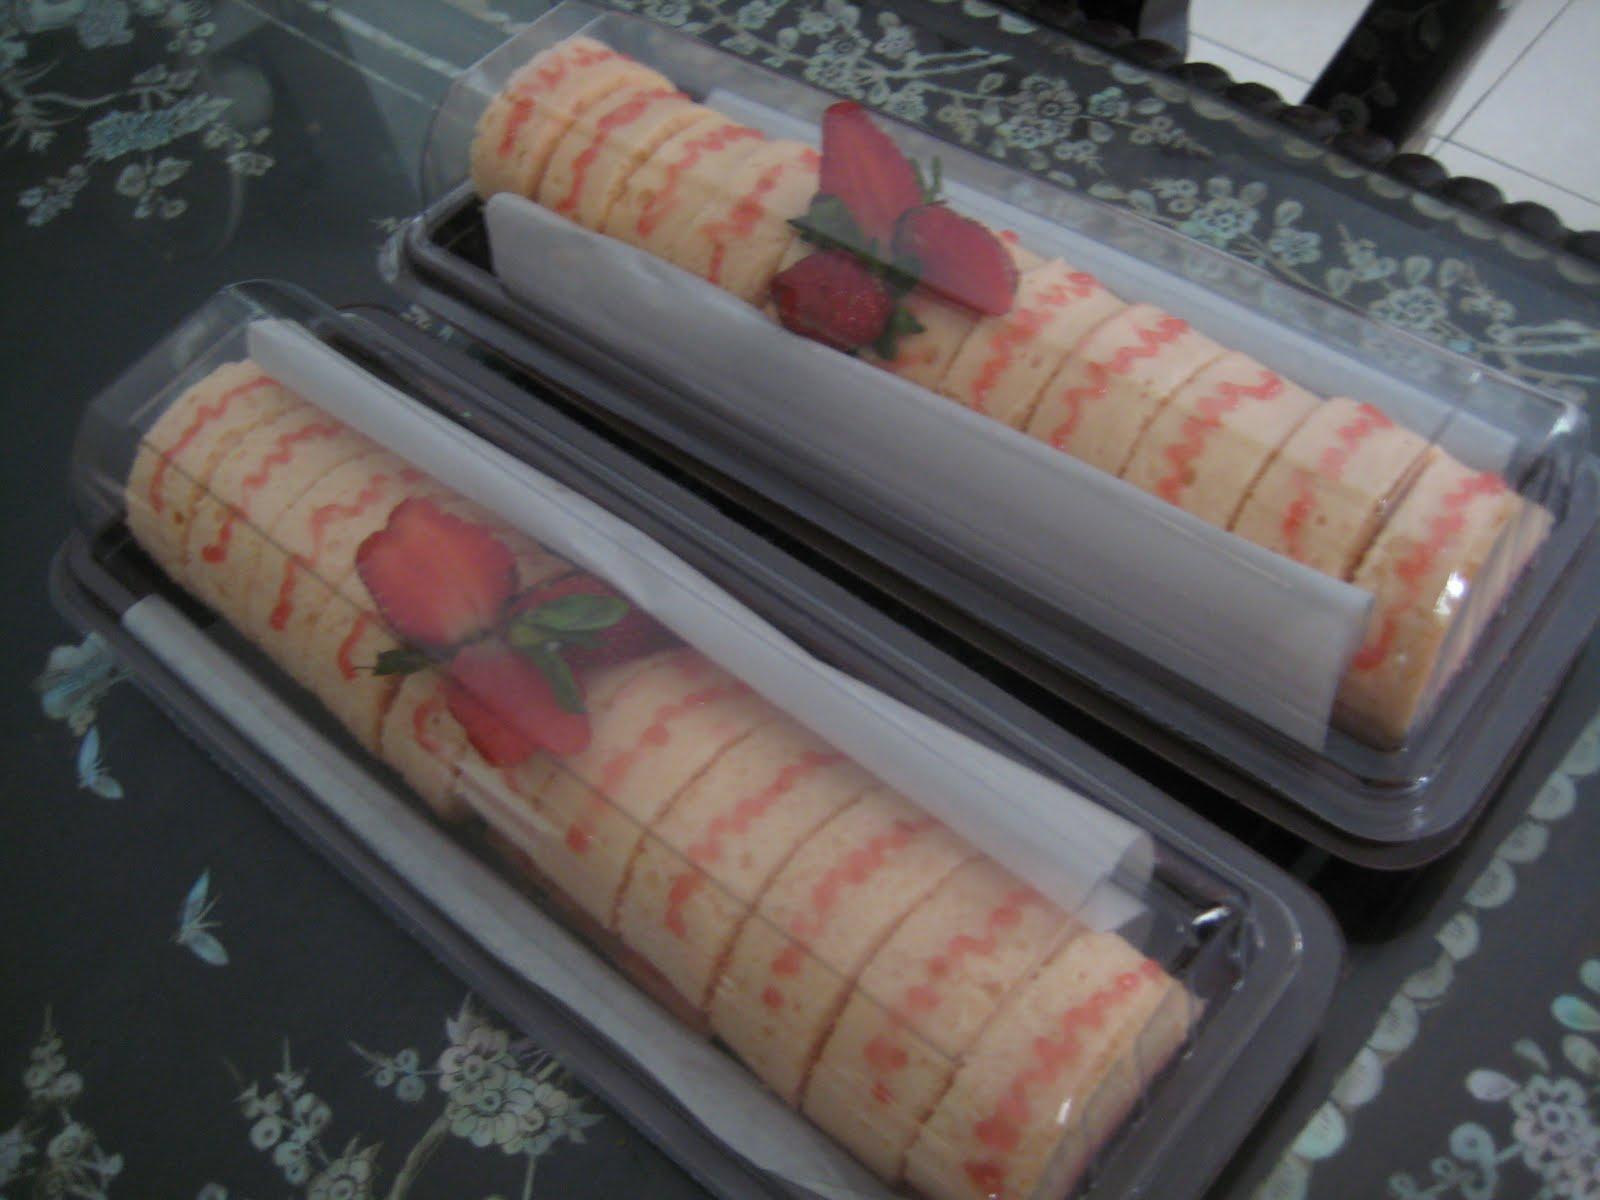 Bolu Kukus Lapis Cake Ideas And Designs